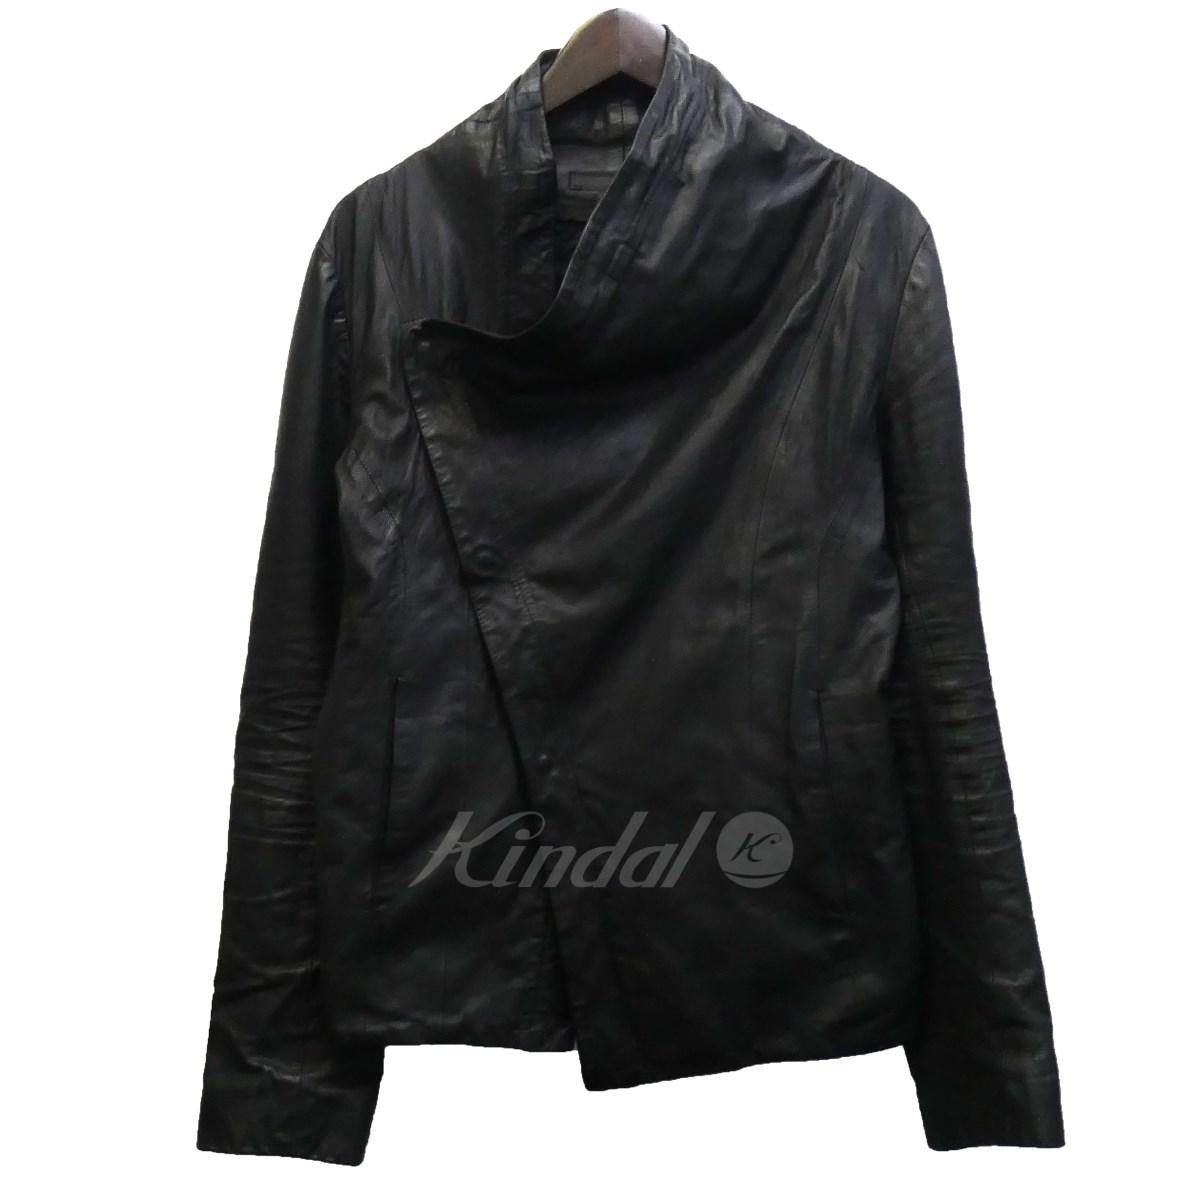 【中古】MA julius 13AW カーフレザージャケット ブラック サイズ:2 【送料無料】 【250219】(エムエー ユリウス)